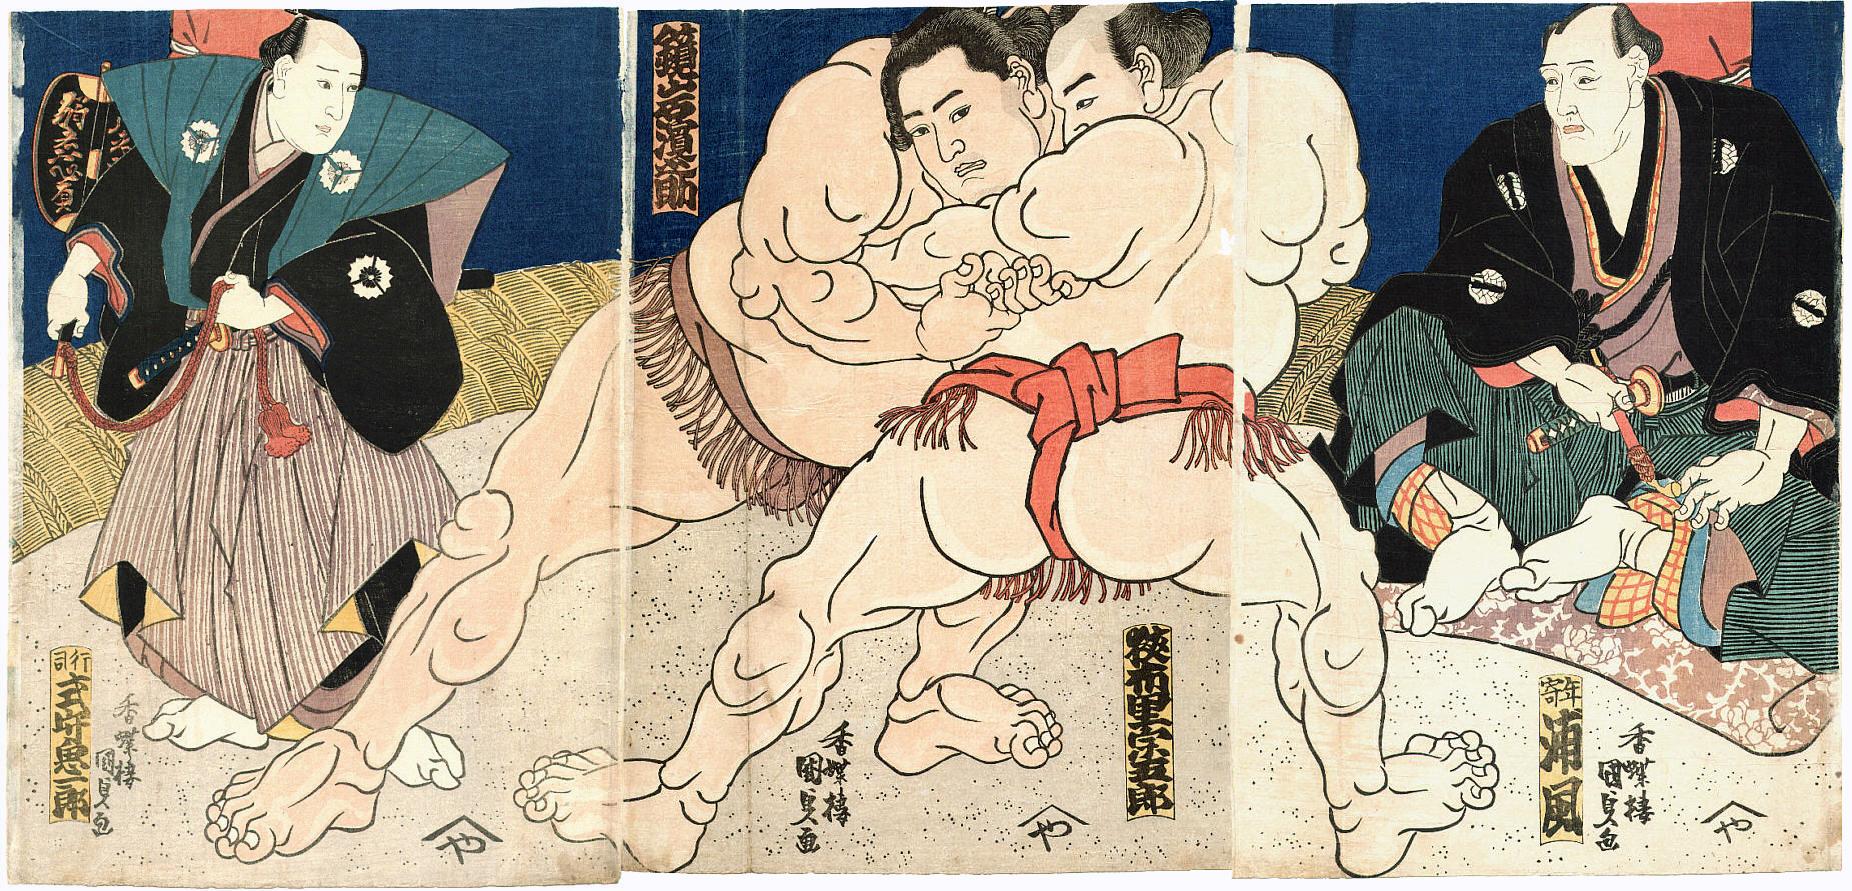 sumoKunisada_Sumo_Triptychon_c1860s.jpg